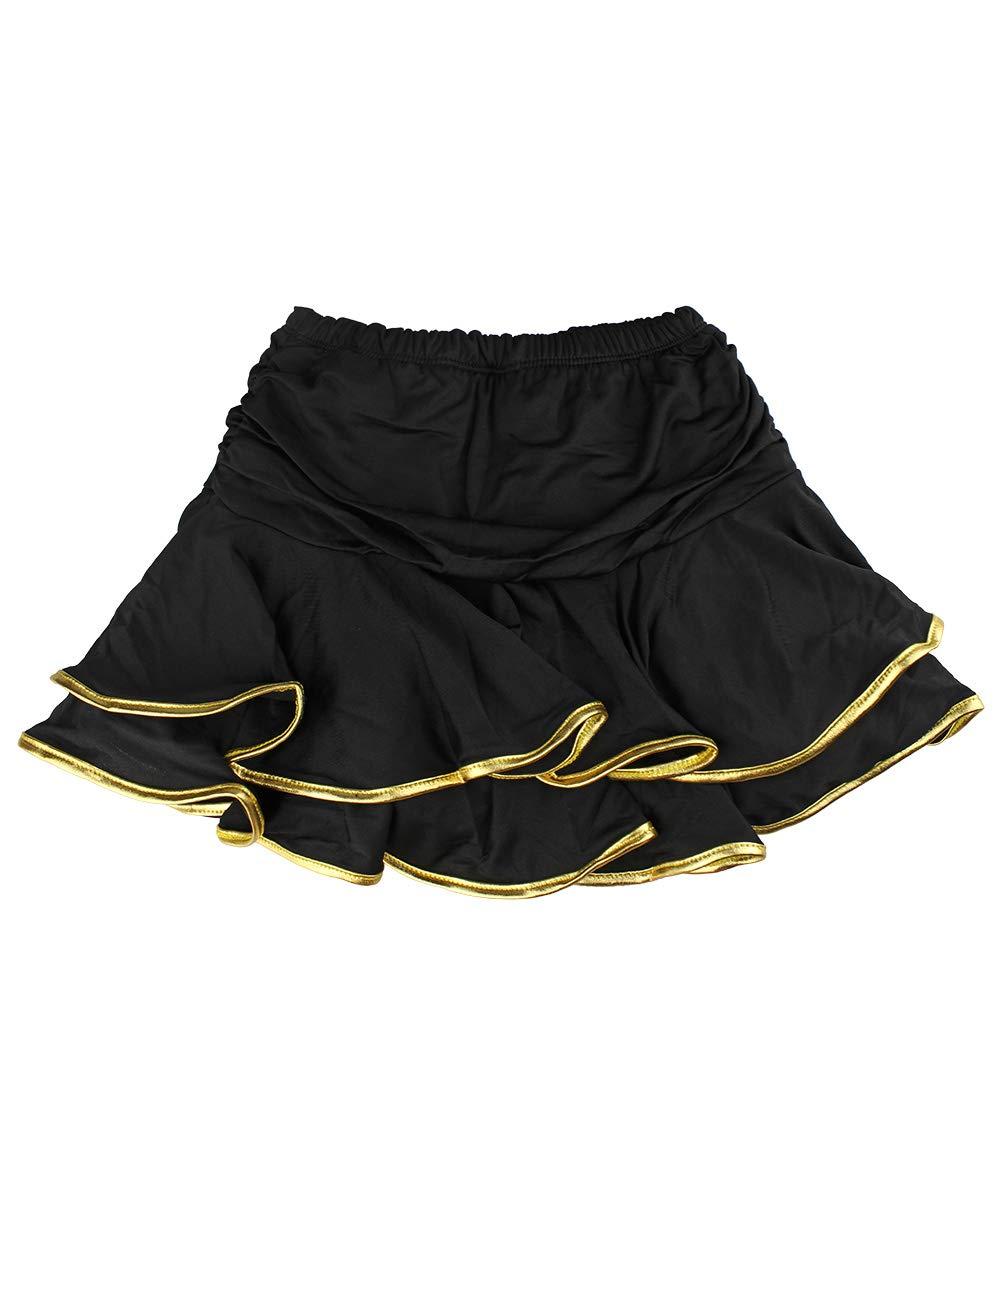 Daydance Girl's Dance Skirt Latin Ballroom Samba Tango Practice Dress with Boy Shorts 9 Colors Black-Gold by Daydance